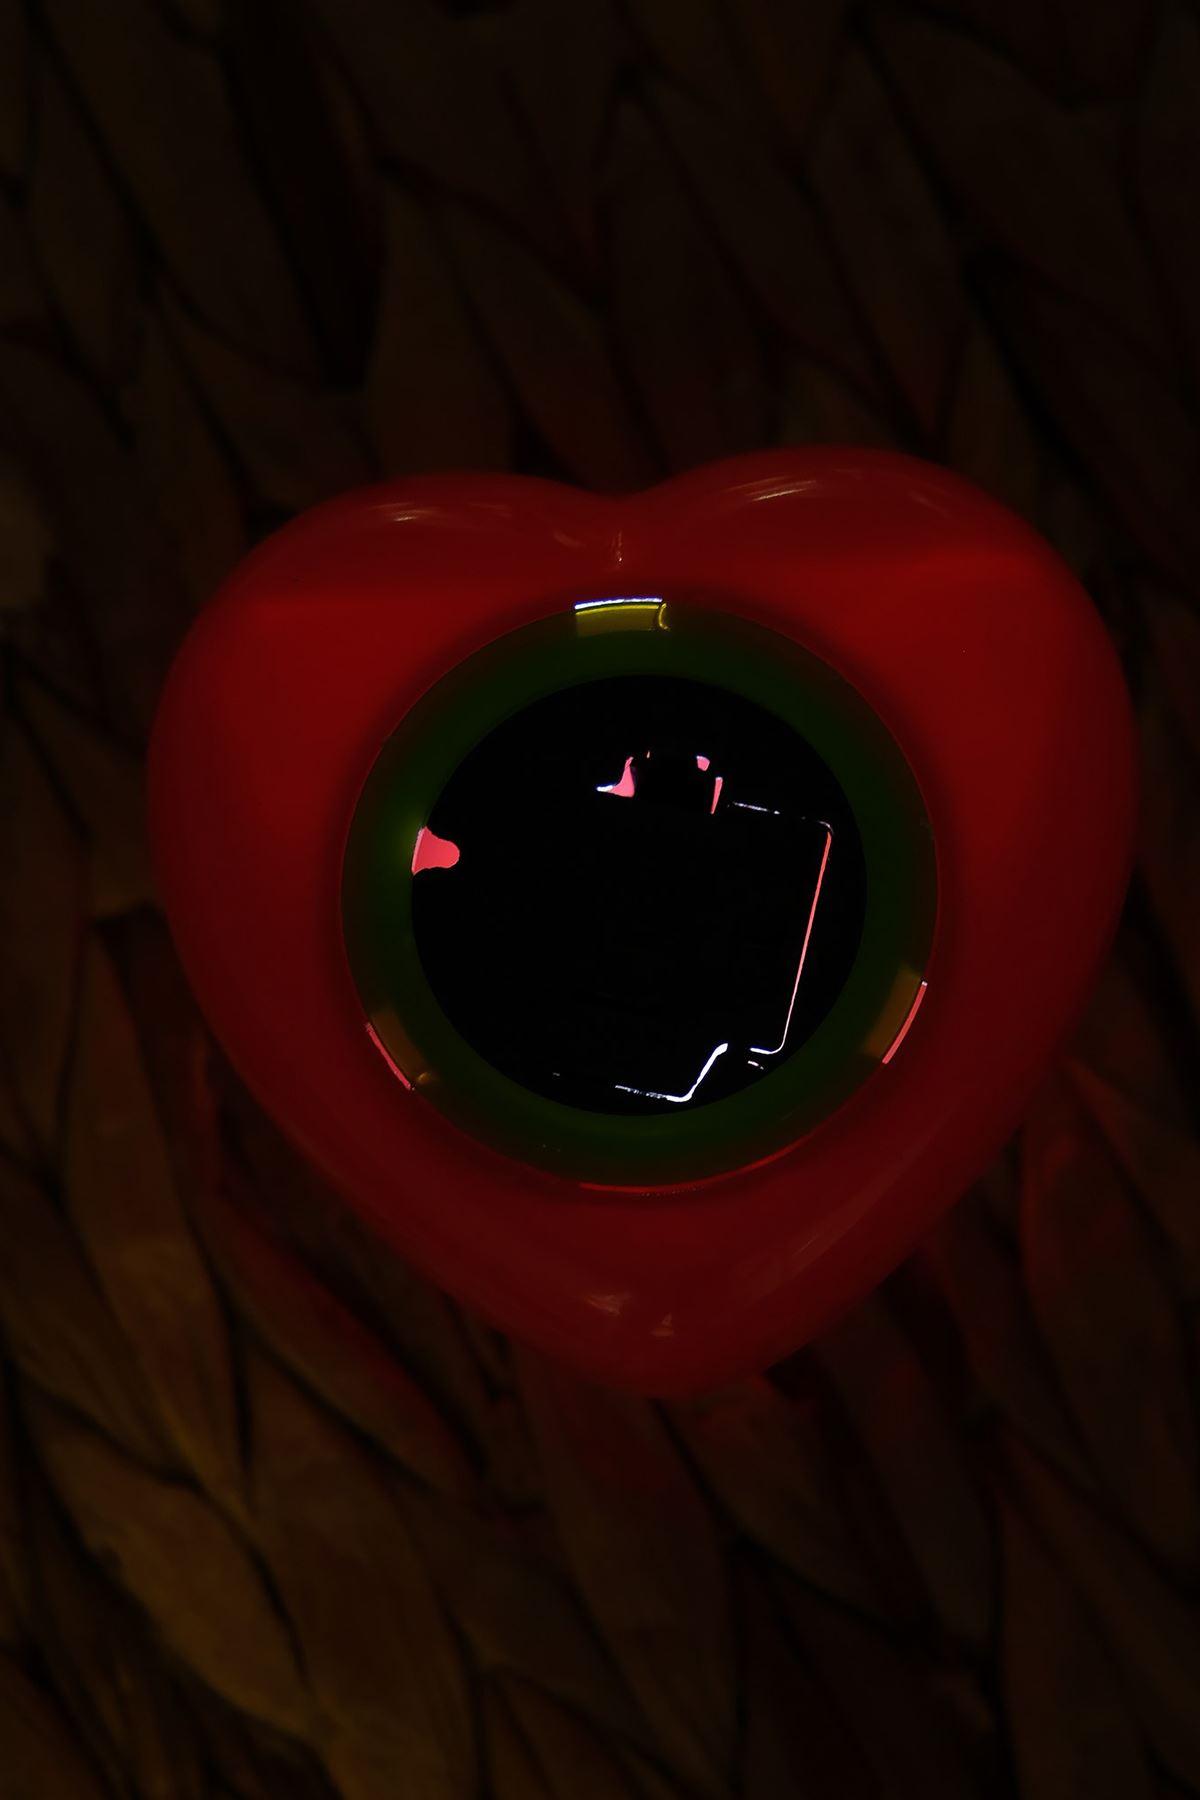 Kalpli Led Işık Kırmızı - 4903.1342.